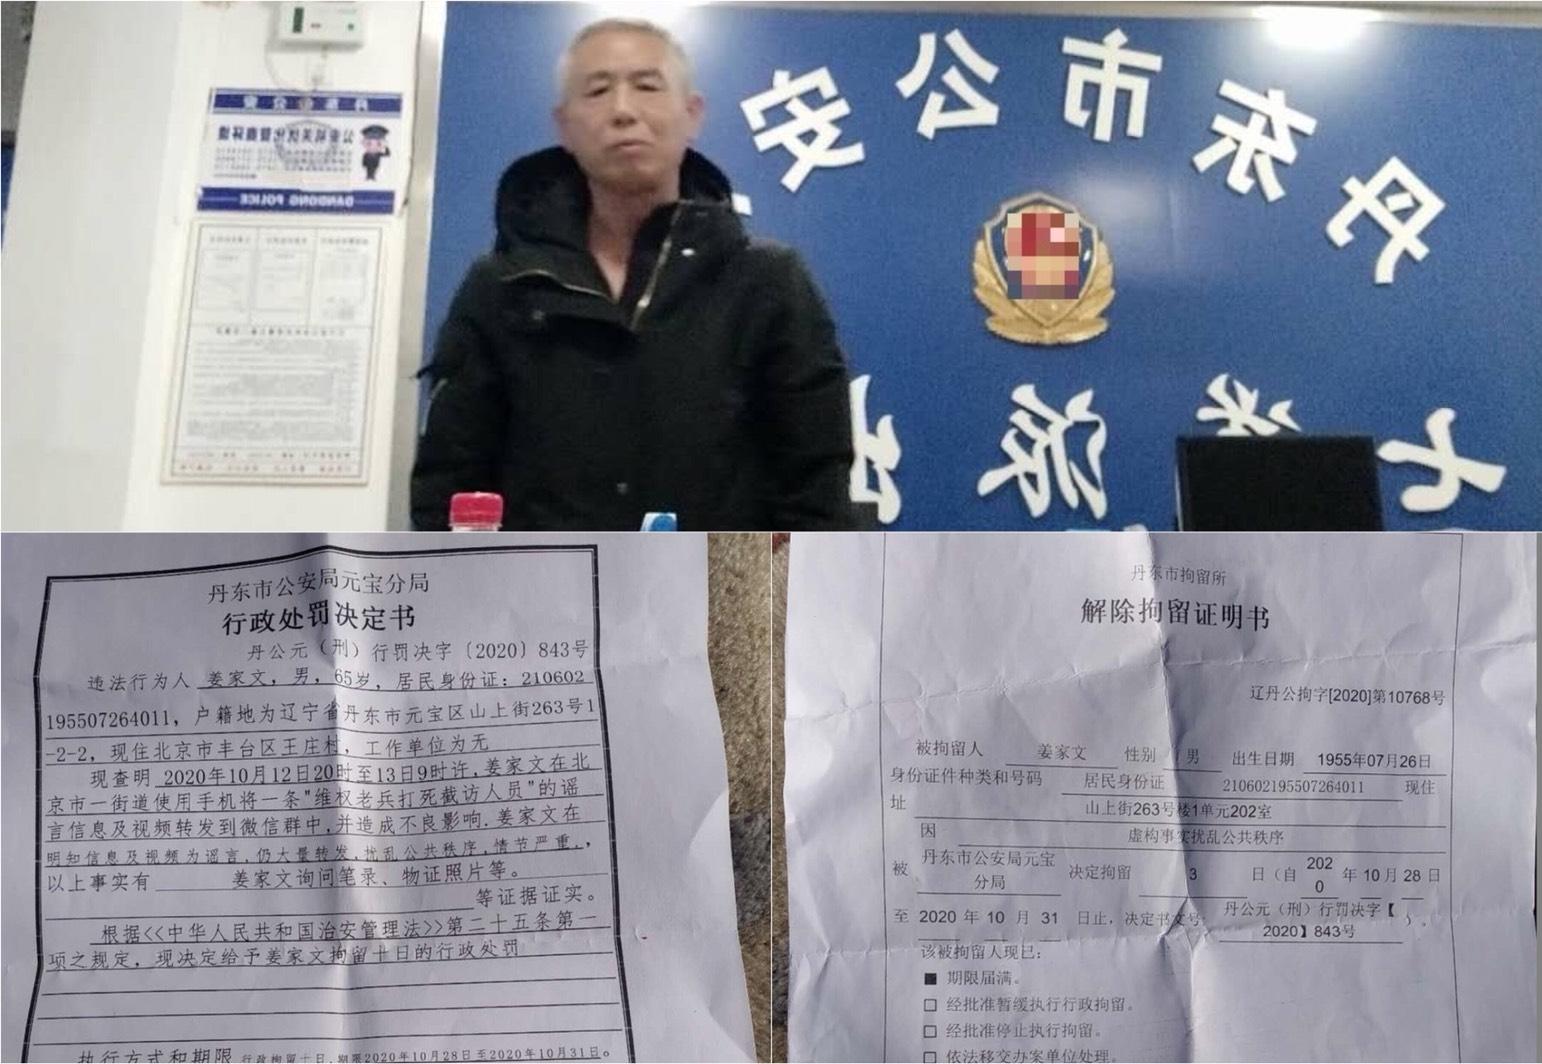 轉發一個影片 遼寧訪民姜家文被拘留10天